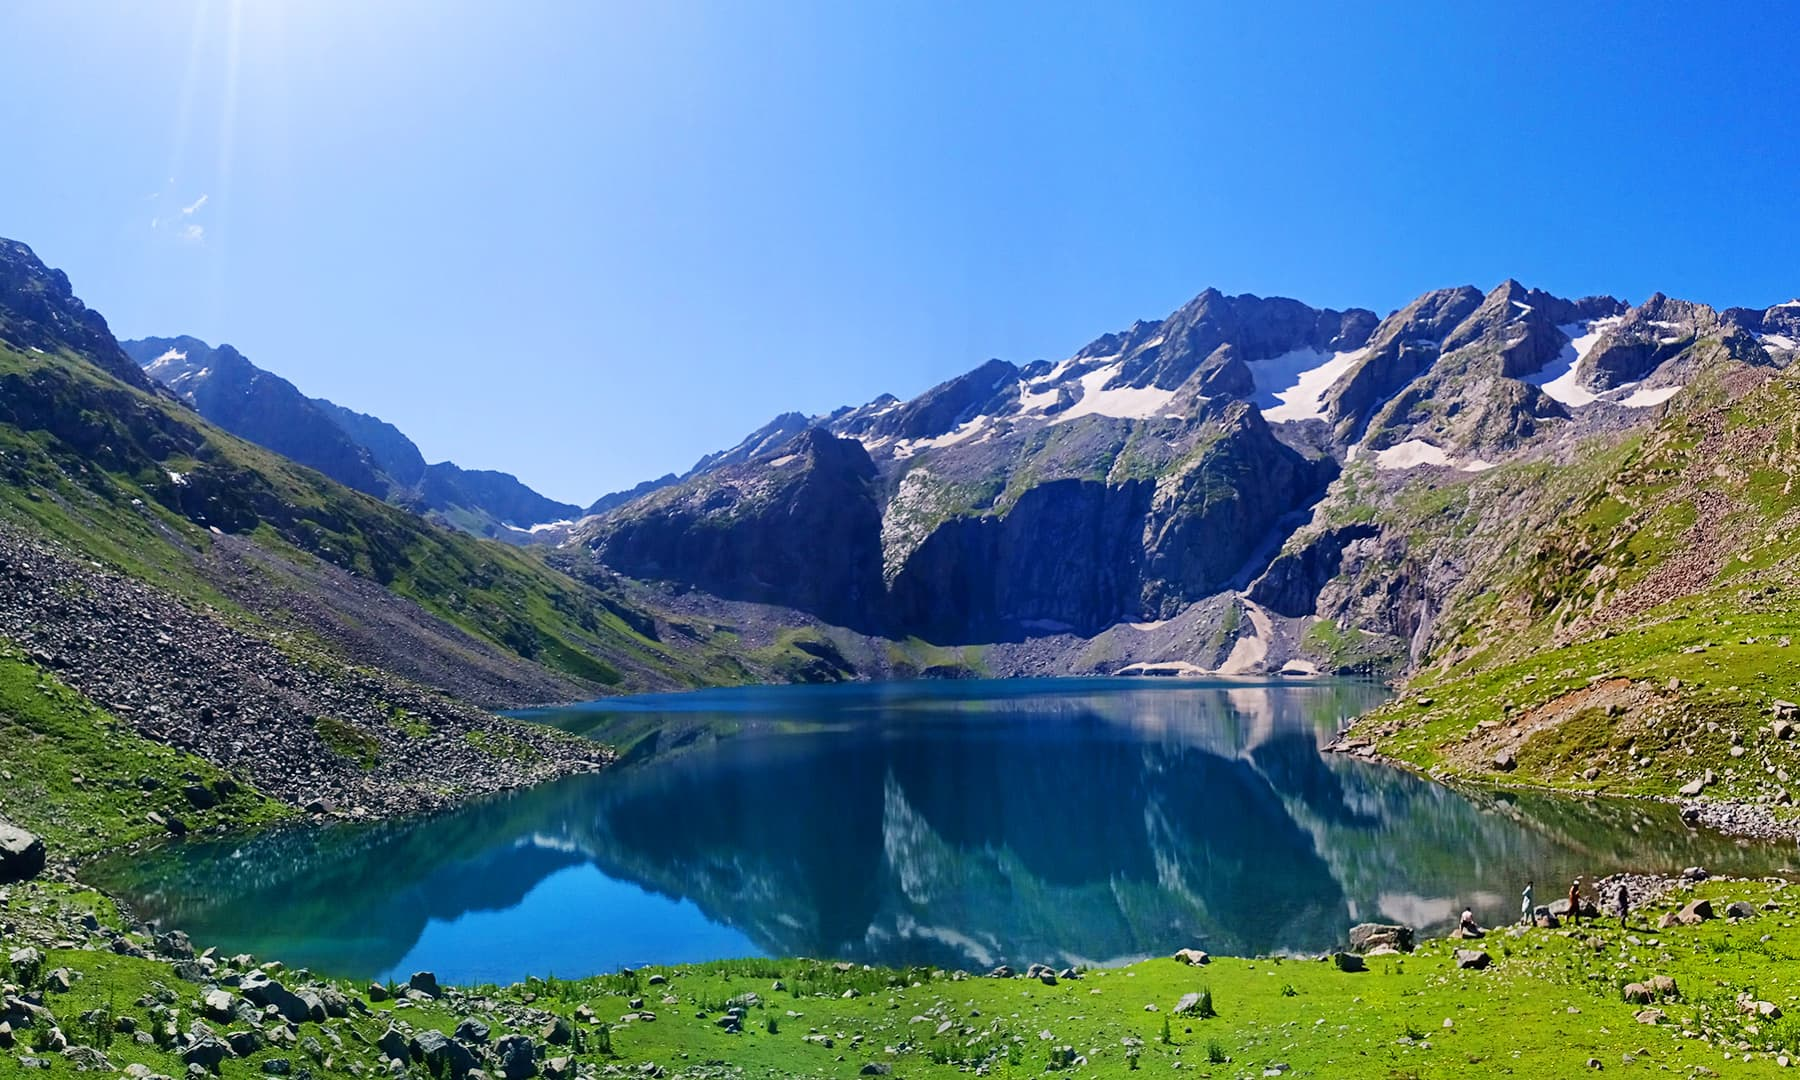 وادئ شندور کی دوسری جھیل 'بانڈہ جھیل'